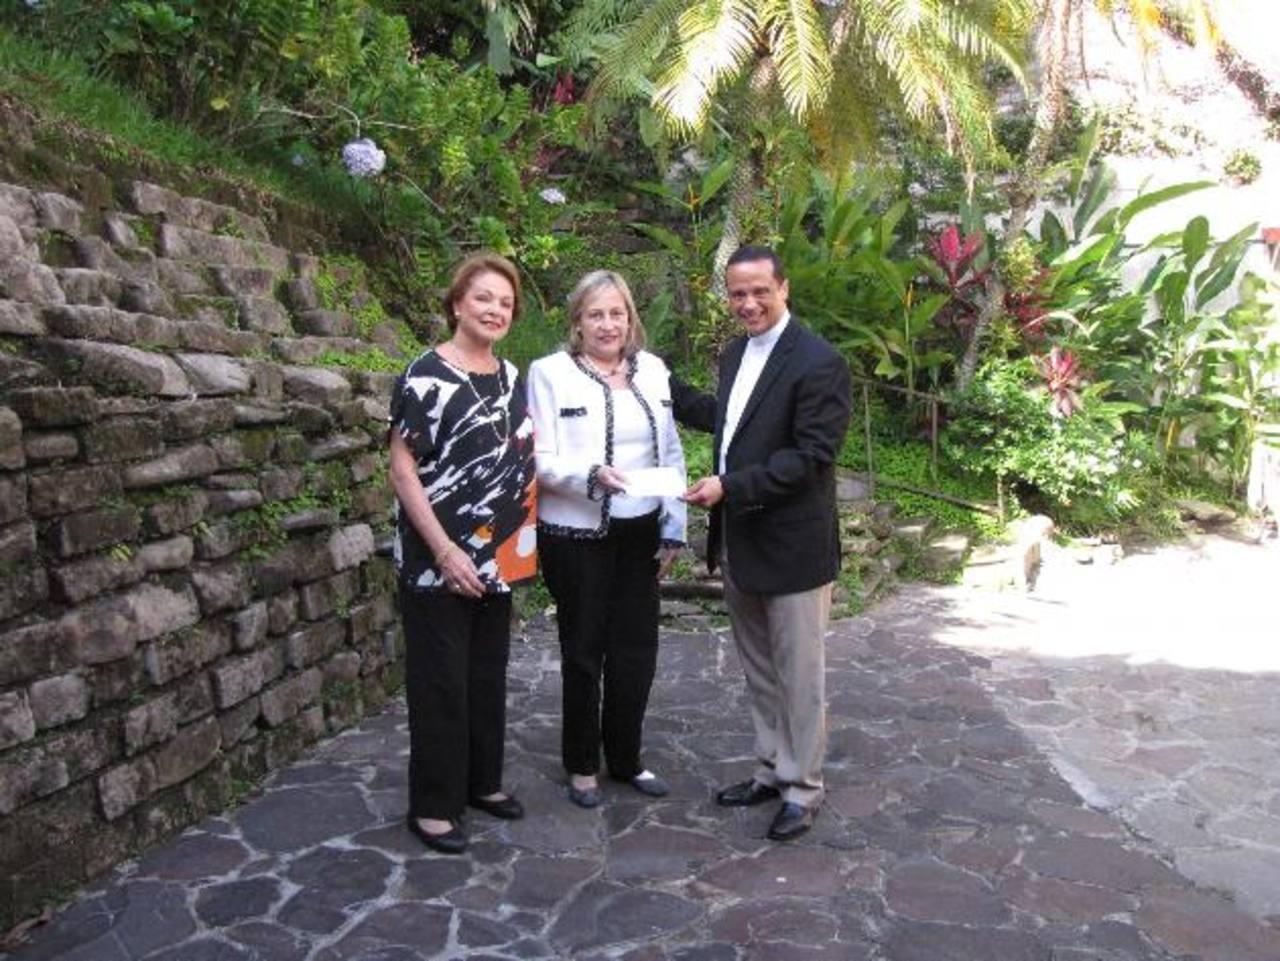 Florence Mathies, del Comité de Recaudación; Mabel de Serarols, ganadora; y monseñor Fabio Colindres, Obispo Castrense.